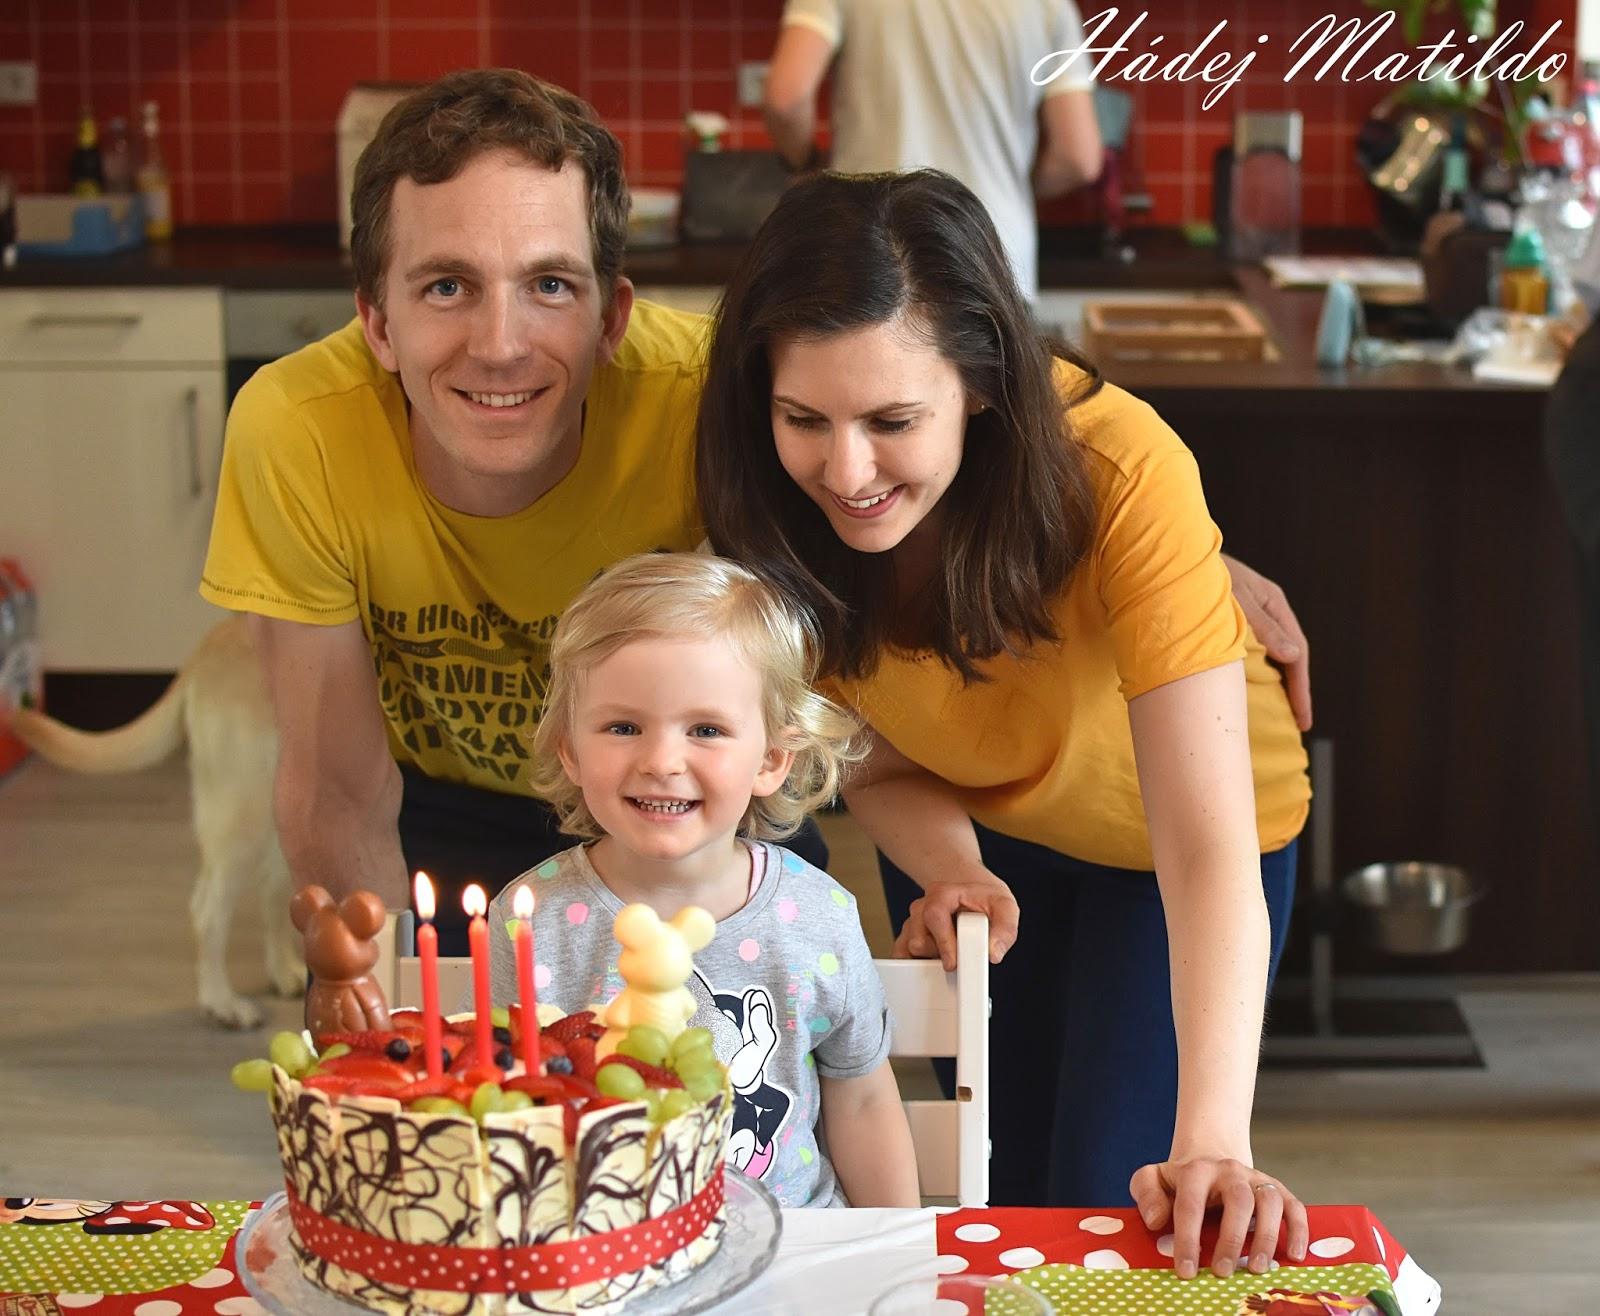 třetí narozeniny, oslava, tři roky, tříleťačka, slavíme, dcera